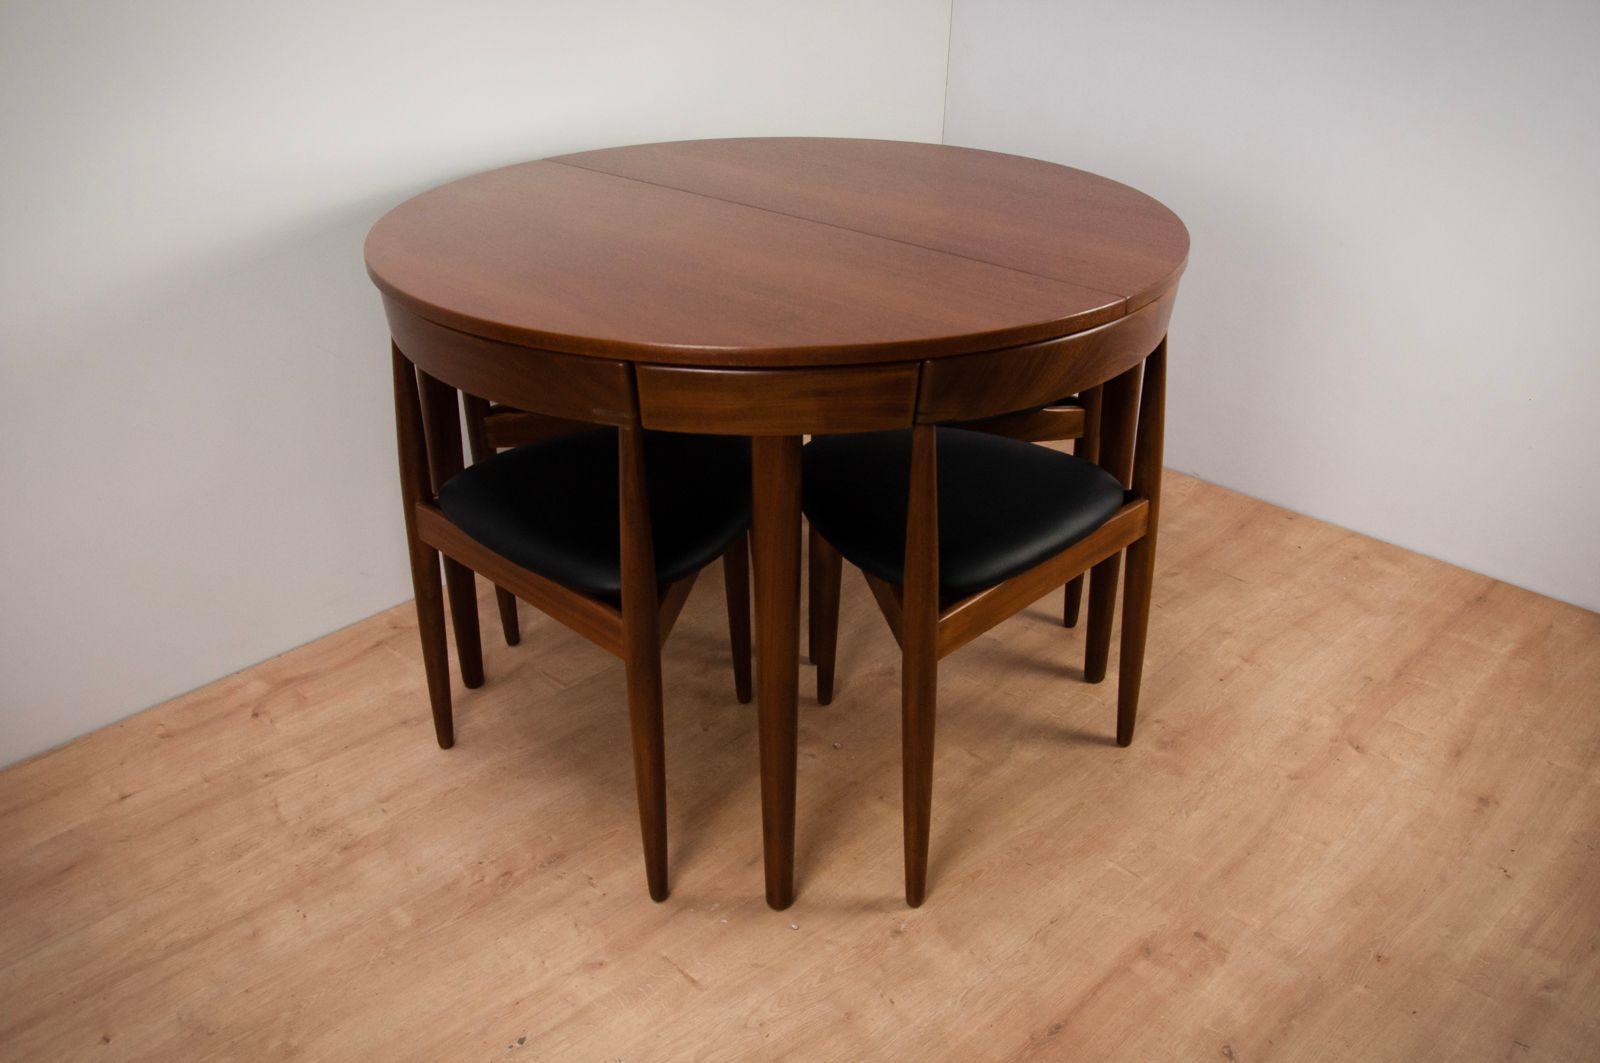 Vintage Esstisch & 4 Stühle aus Teak von Hans Olsen für Frem Røjle, 19...